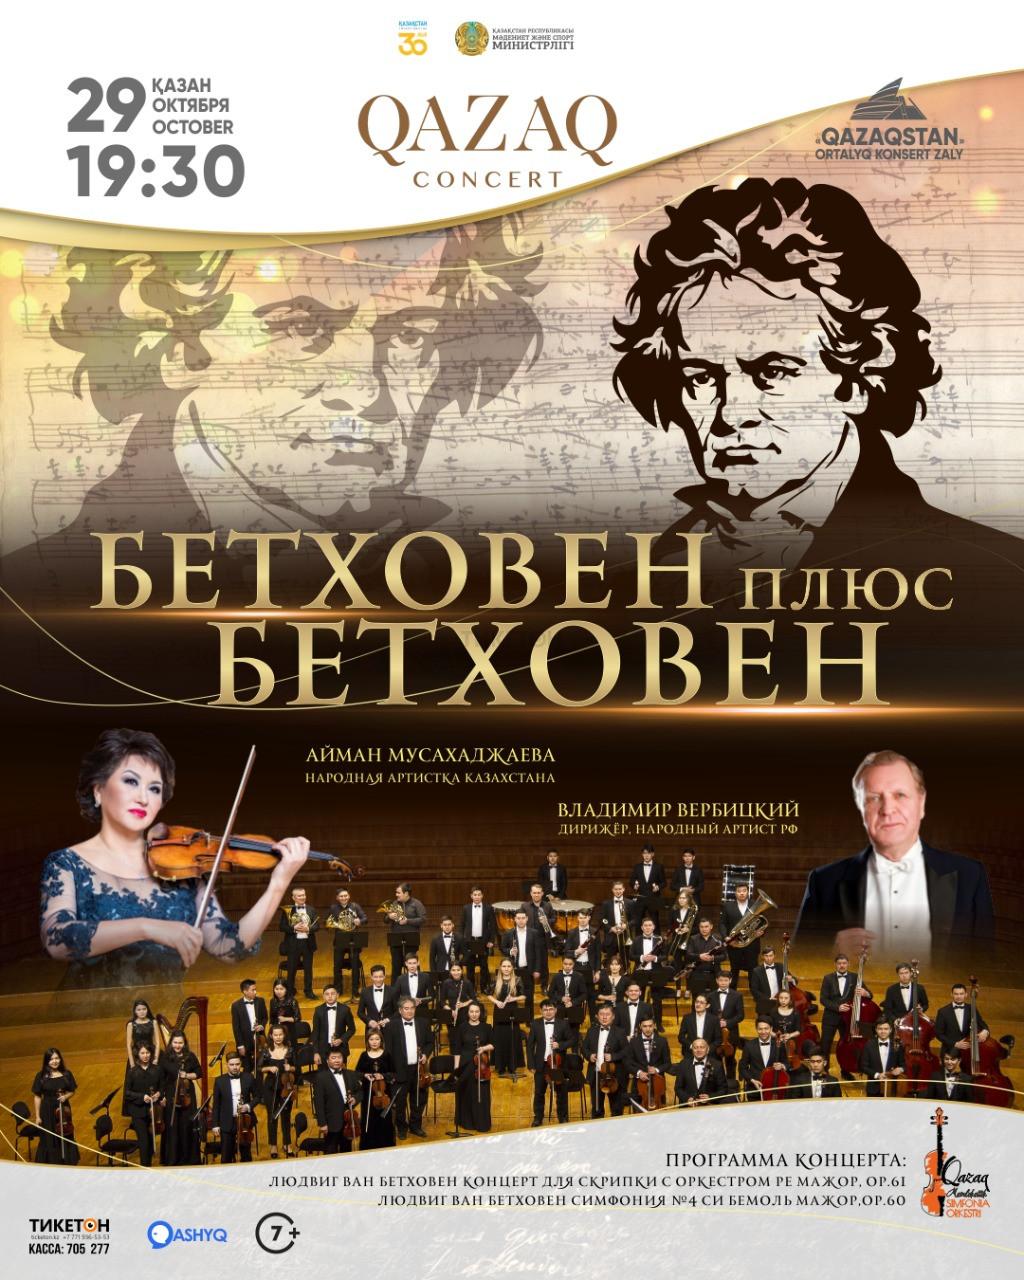 Бетховен плюс Бетховен